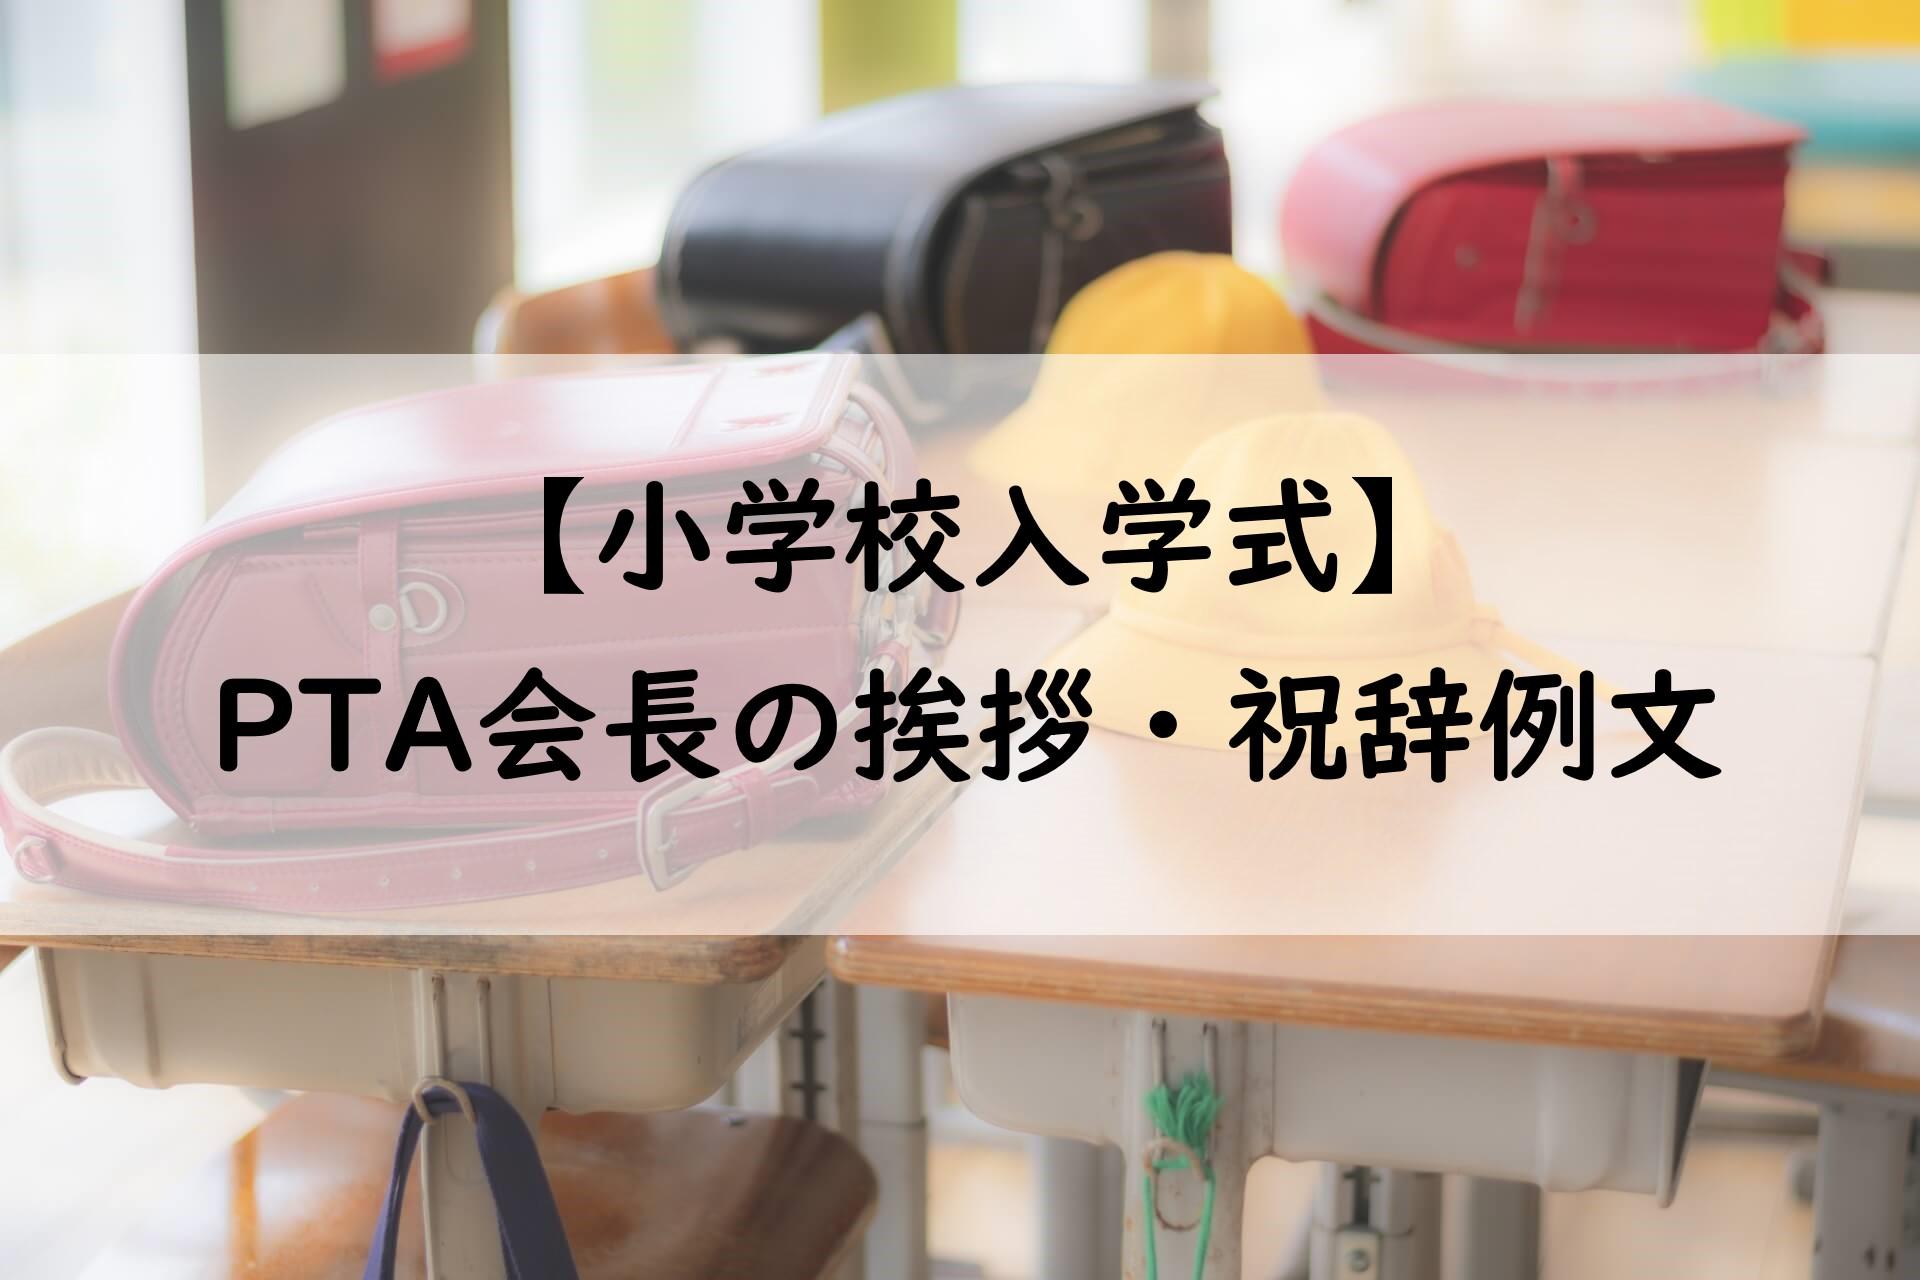 小学校入学式・PTA会長の挨拶・祝辞例文アイキャッチ画像